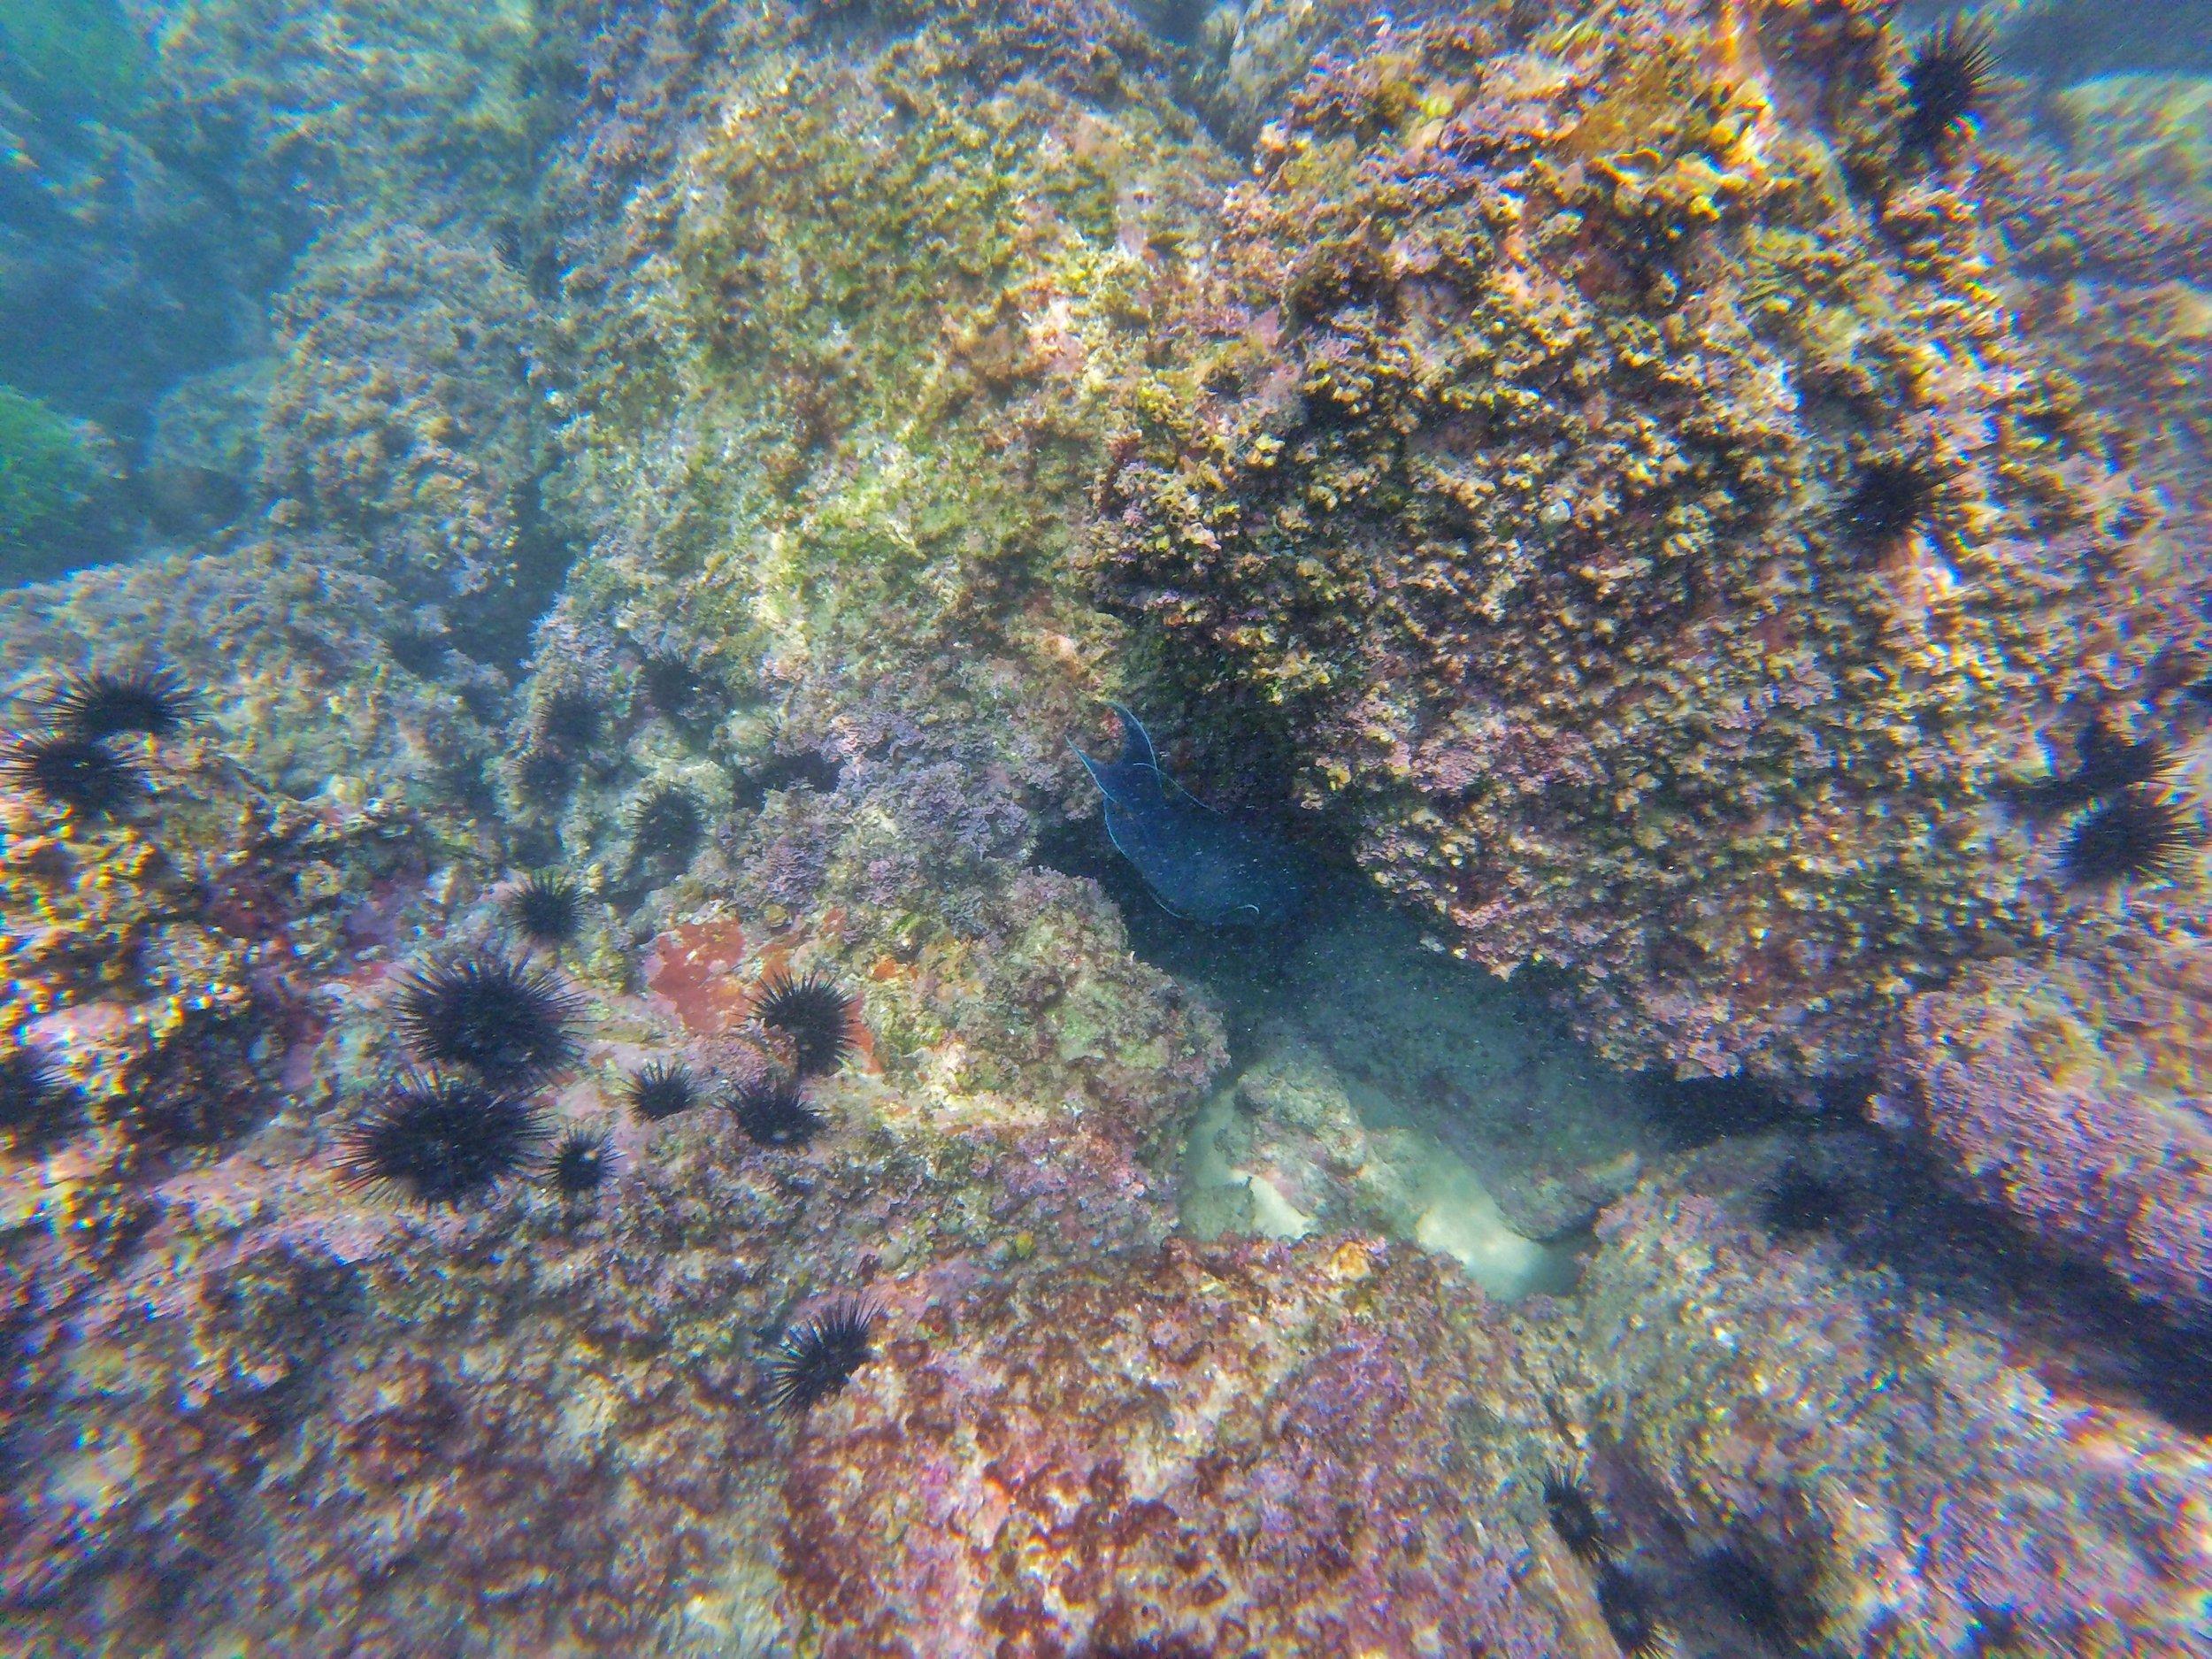 Sea caves & sea urchins